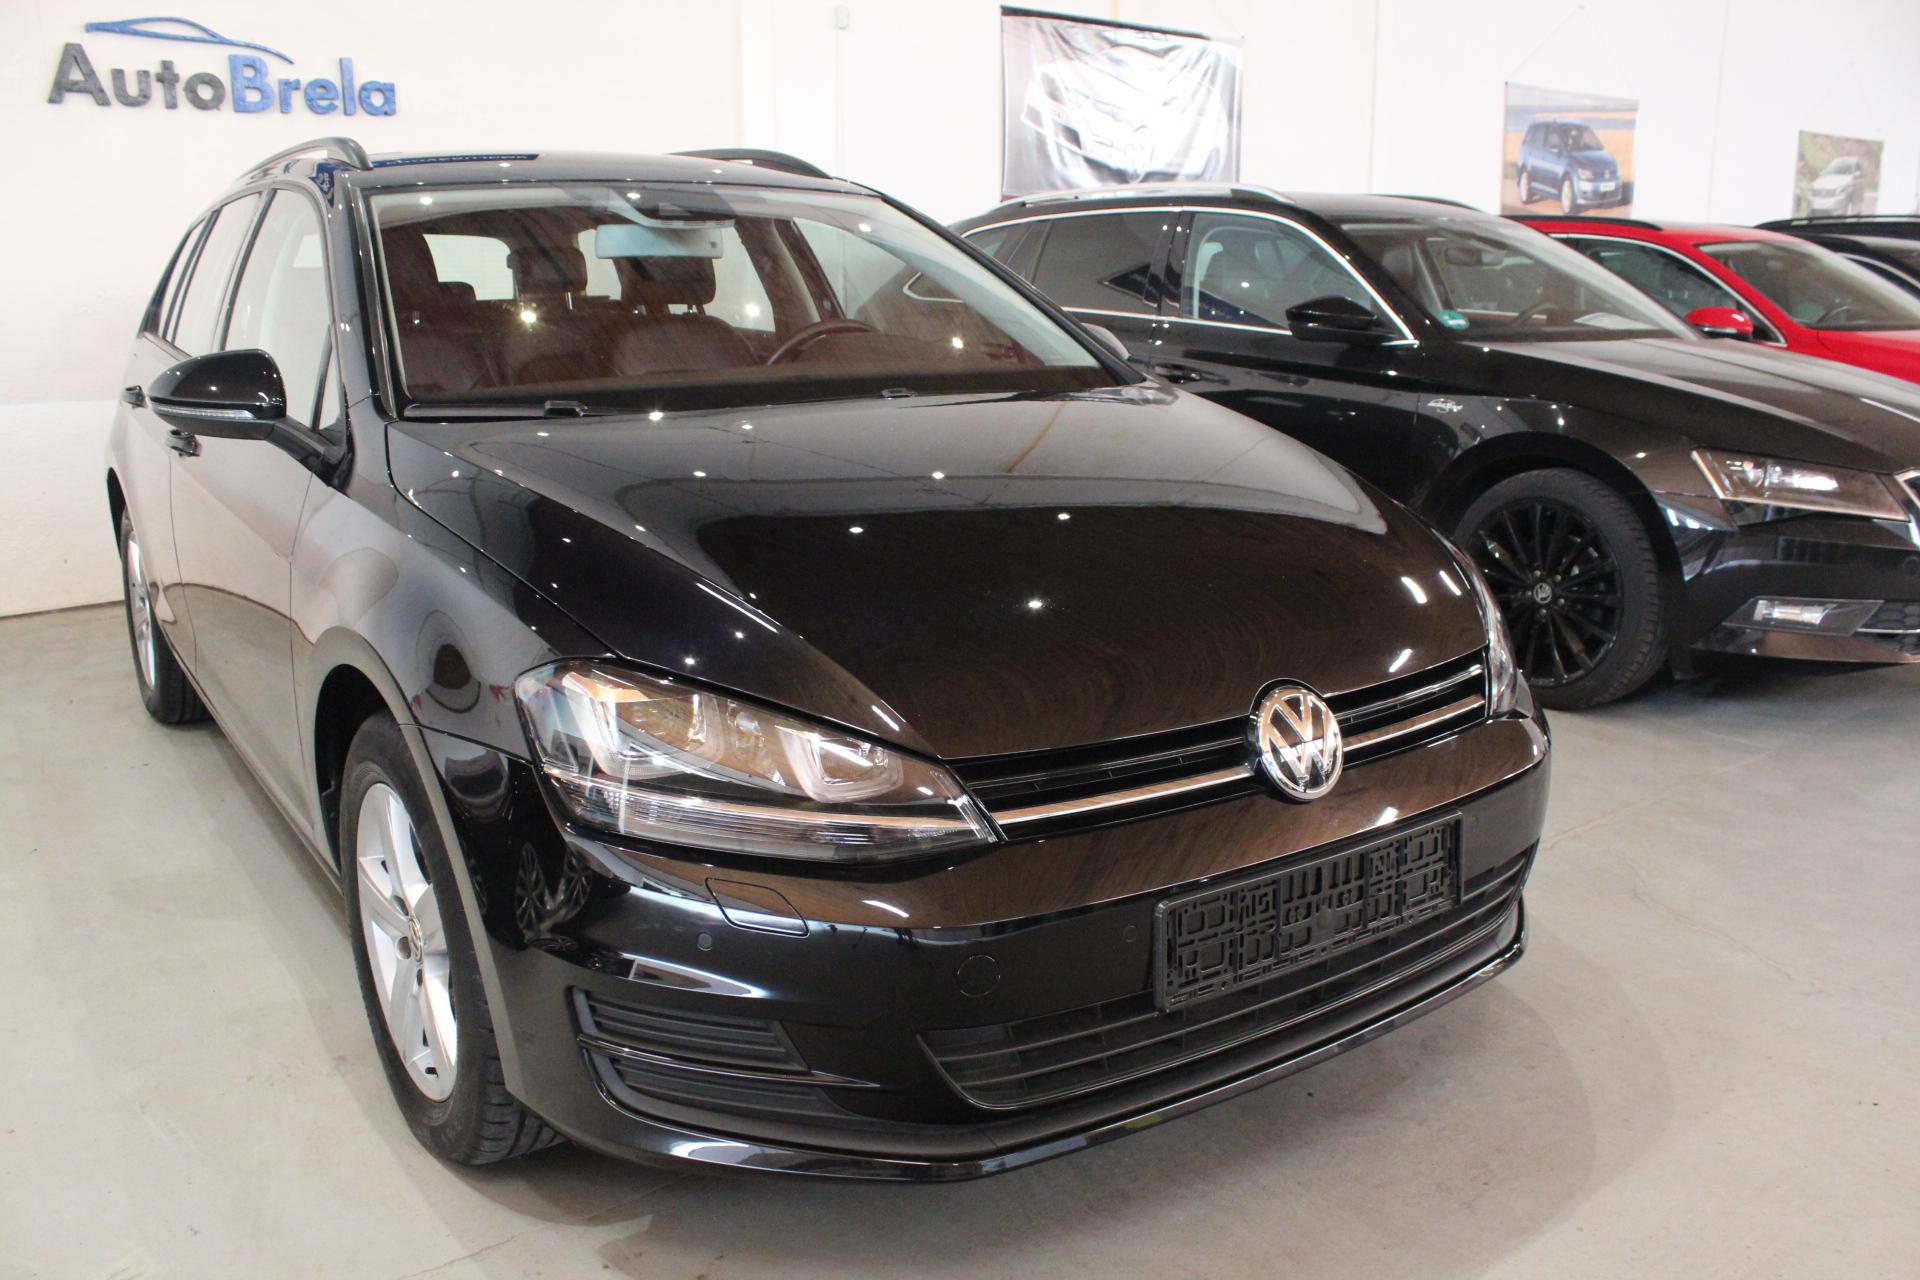 VW Golf 7 2.0 TDI kombi Nezávislé topení FULL LED Navigace - AutoBrela obrázek